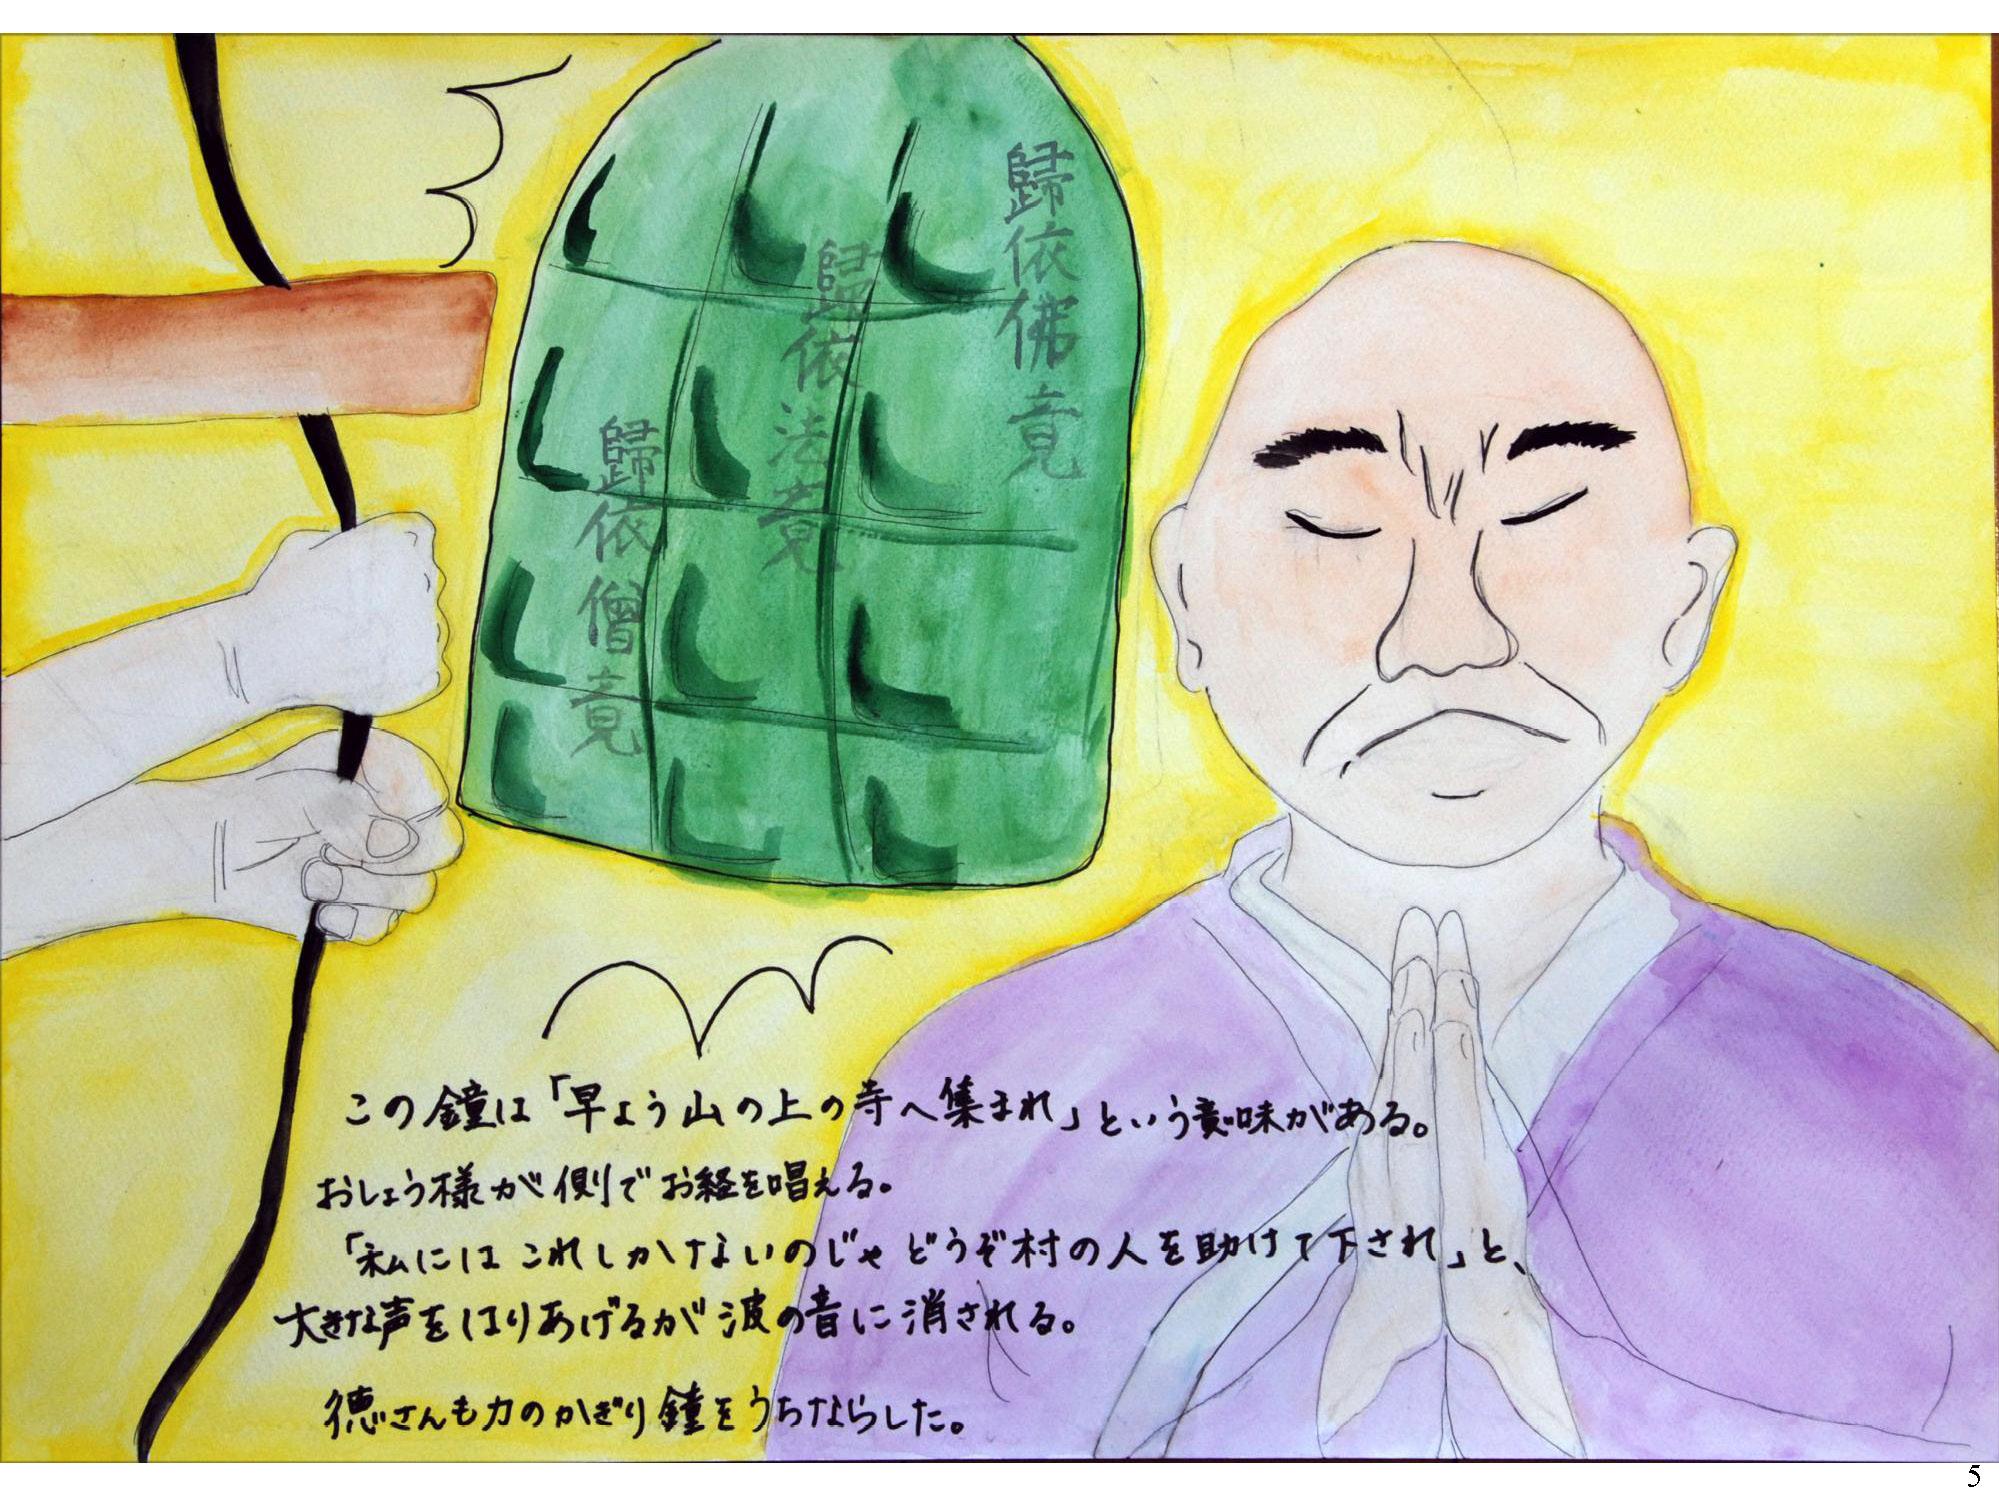 kamisibai-03_ページ_05